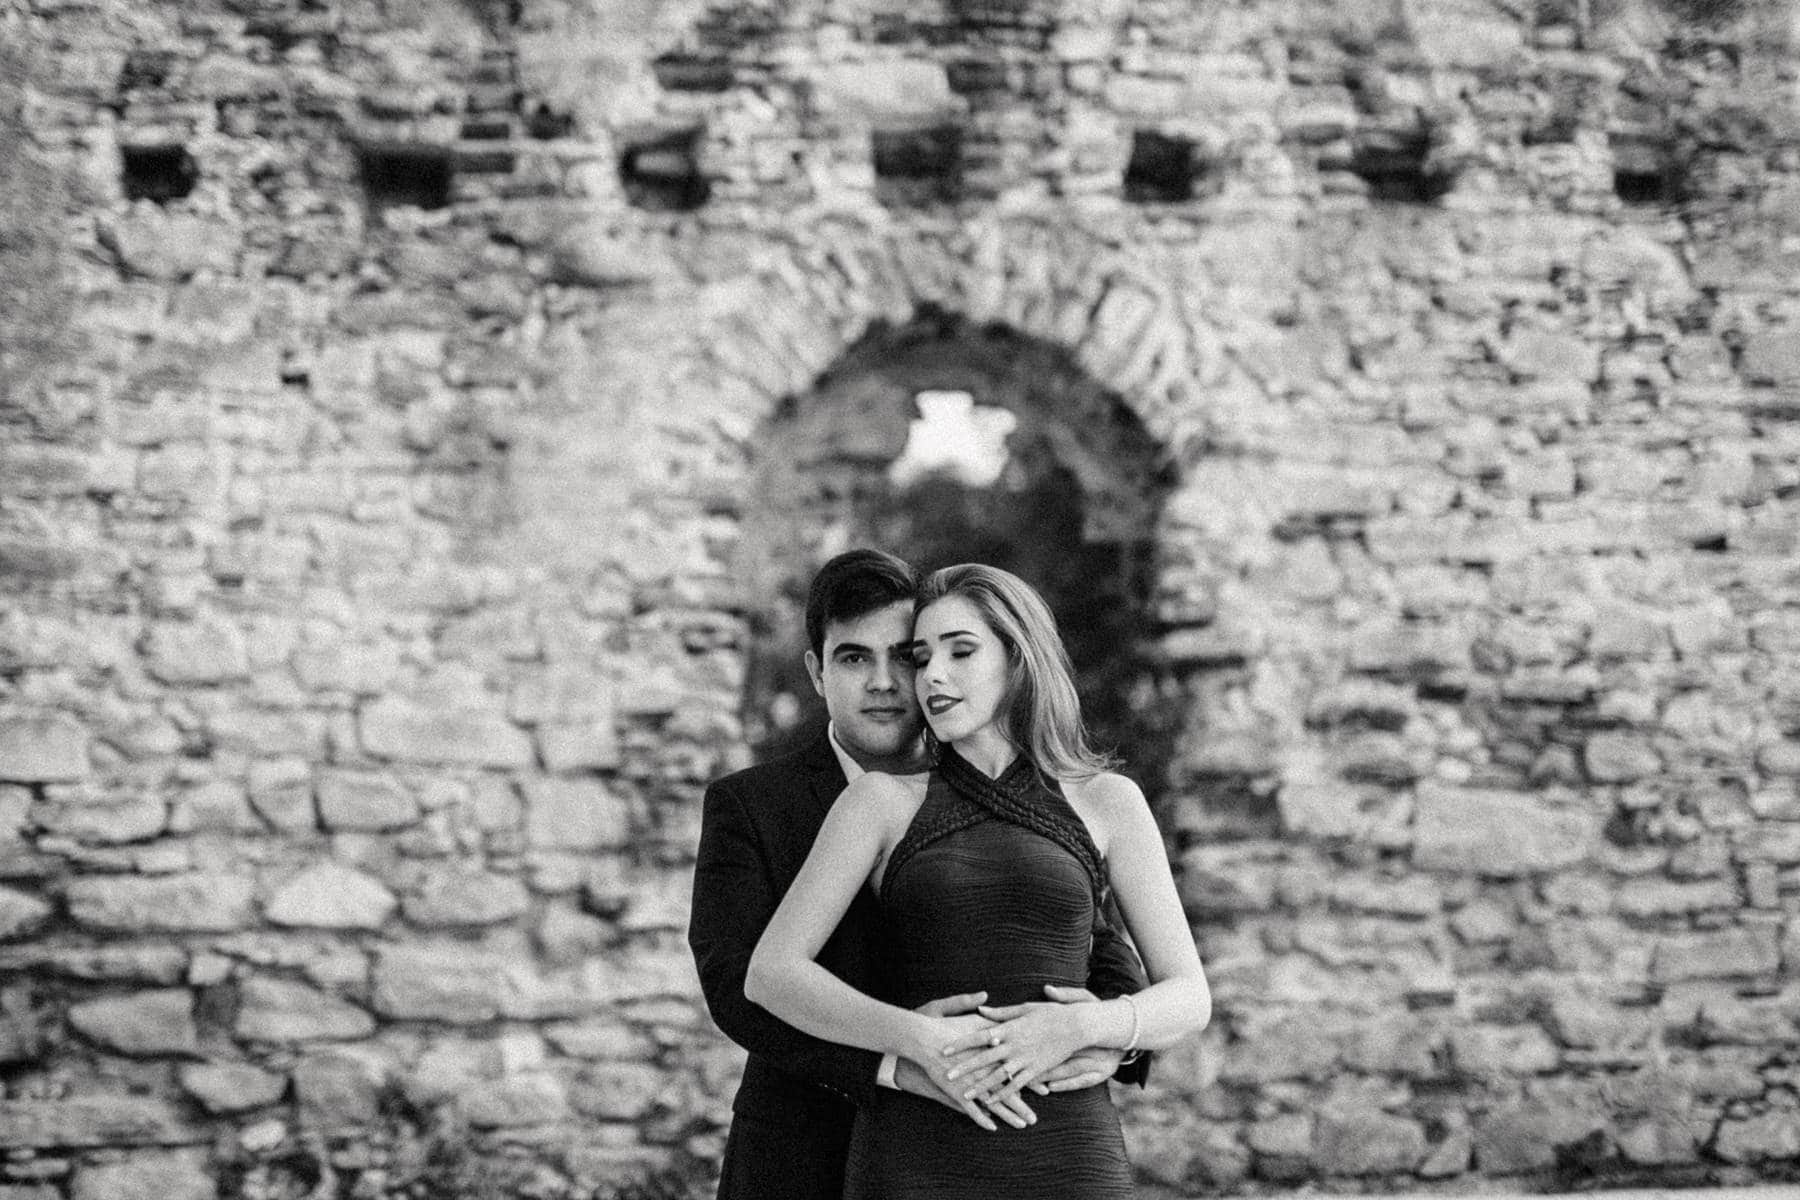 Fotos de Sessão Pré-Casamento